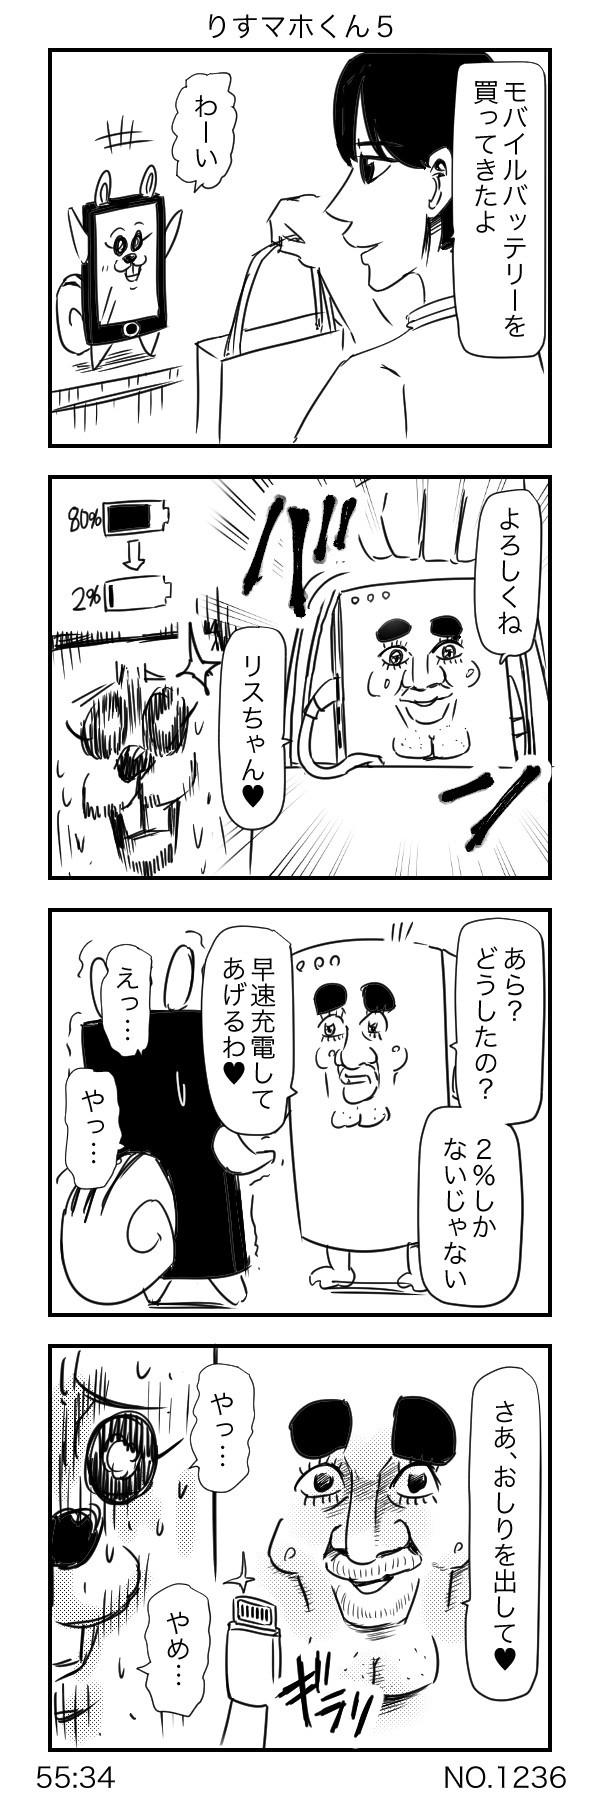 りすマホくん5